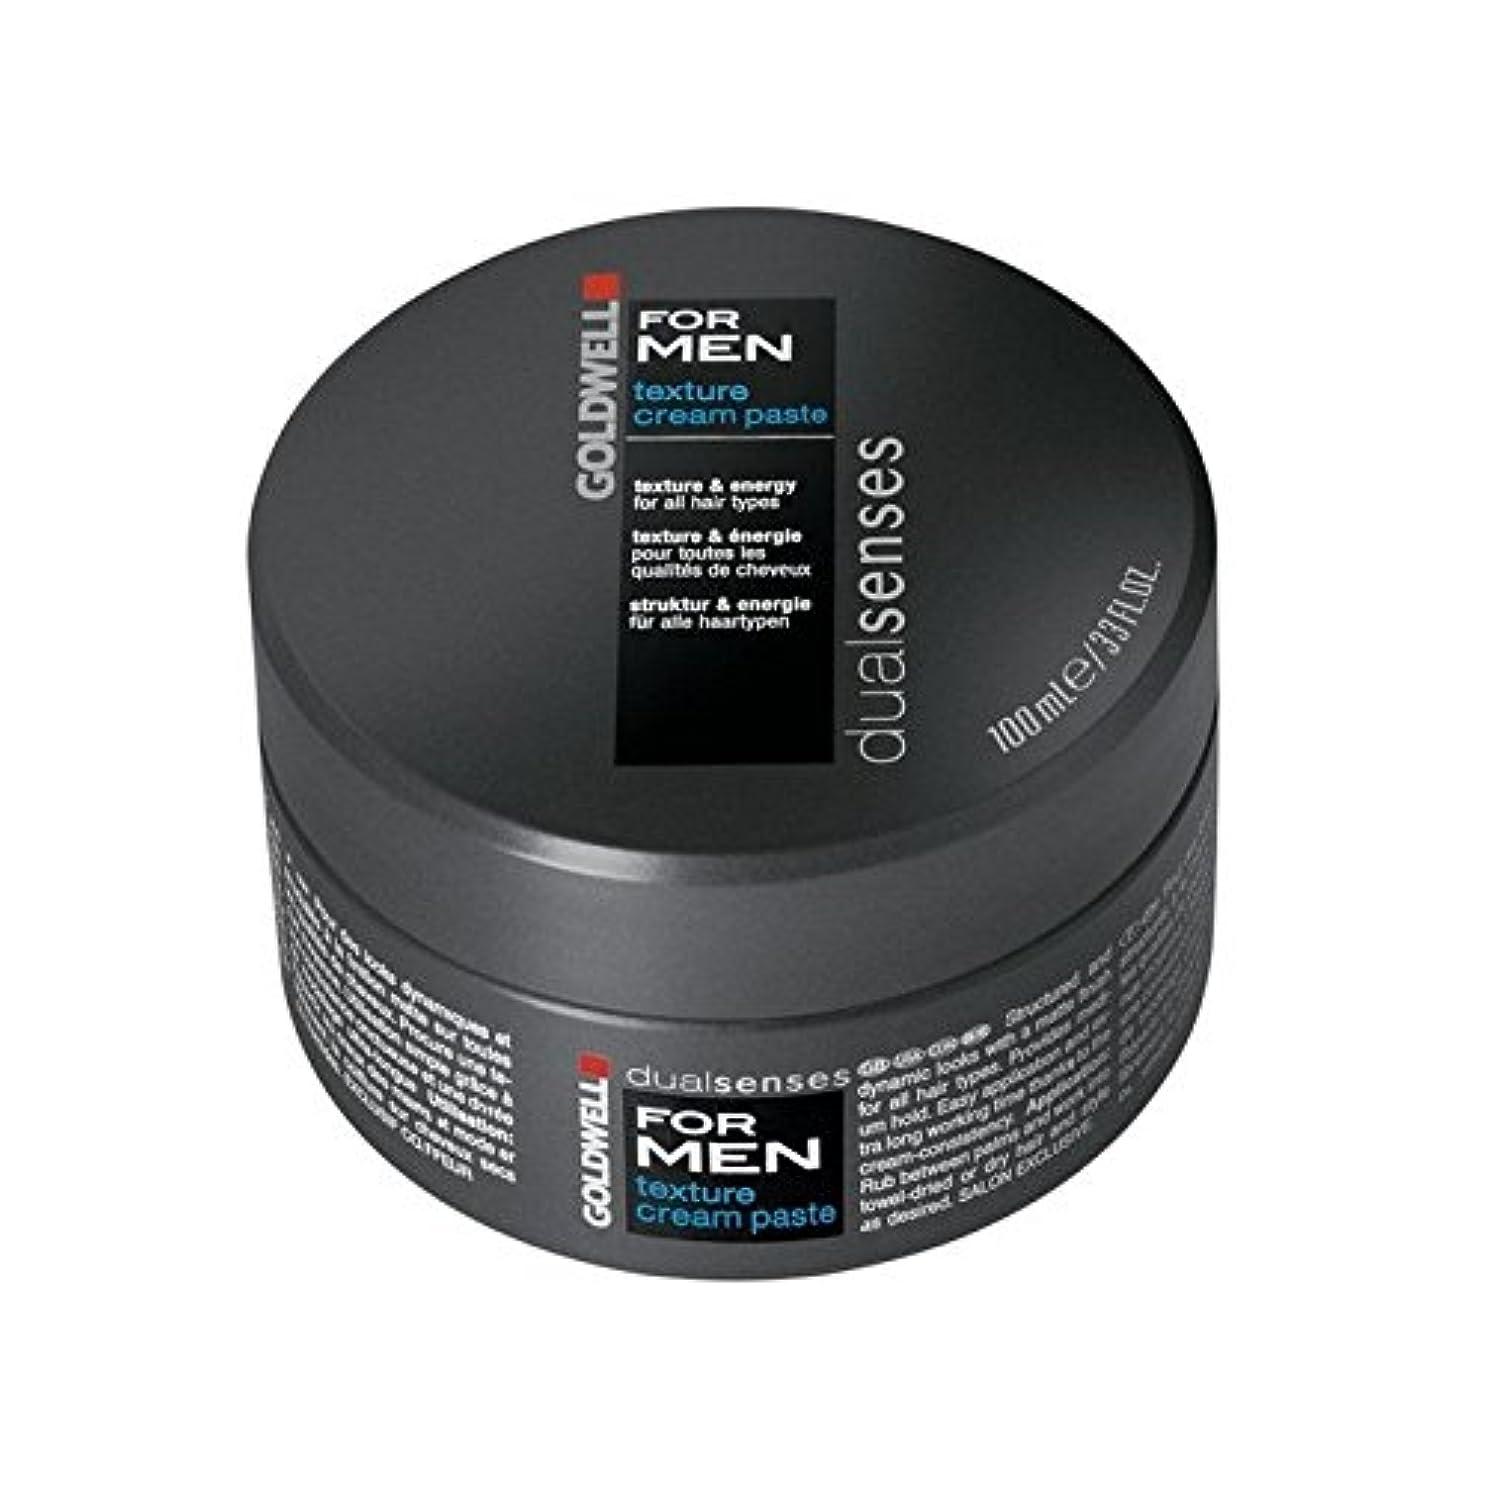 熟達した雇うビタミン男性のテクスチャーのクリームペースト(100ミリリットル)のためのの x4 - Goldwell Dualsenses For Men Texture Cream Paste (100ml) (Pack of 4) [並行輸入品]